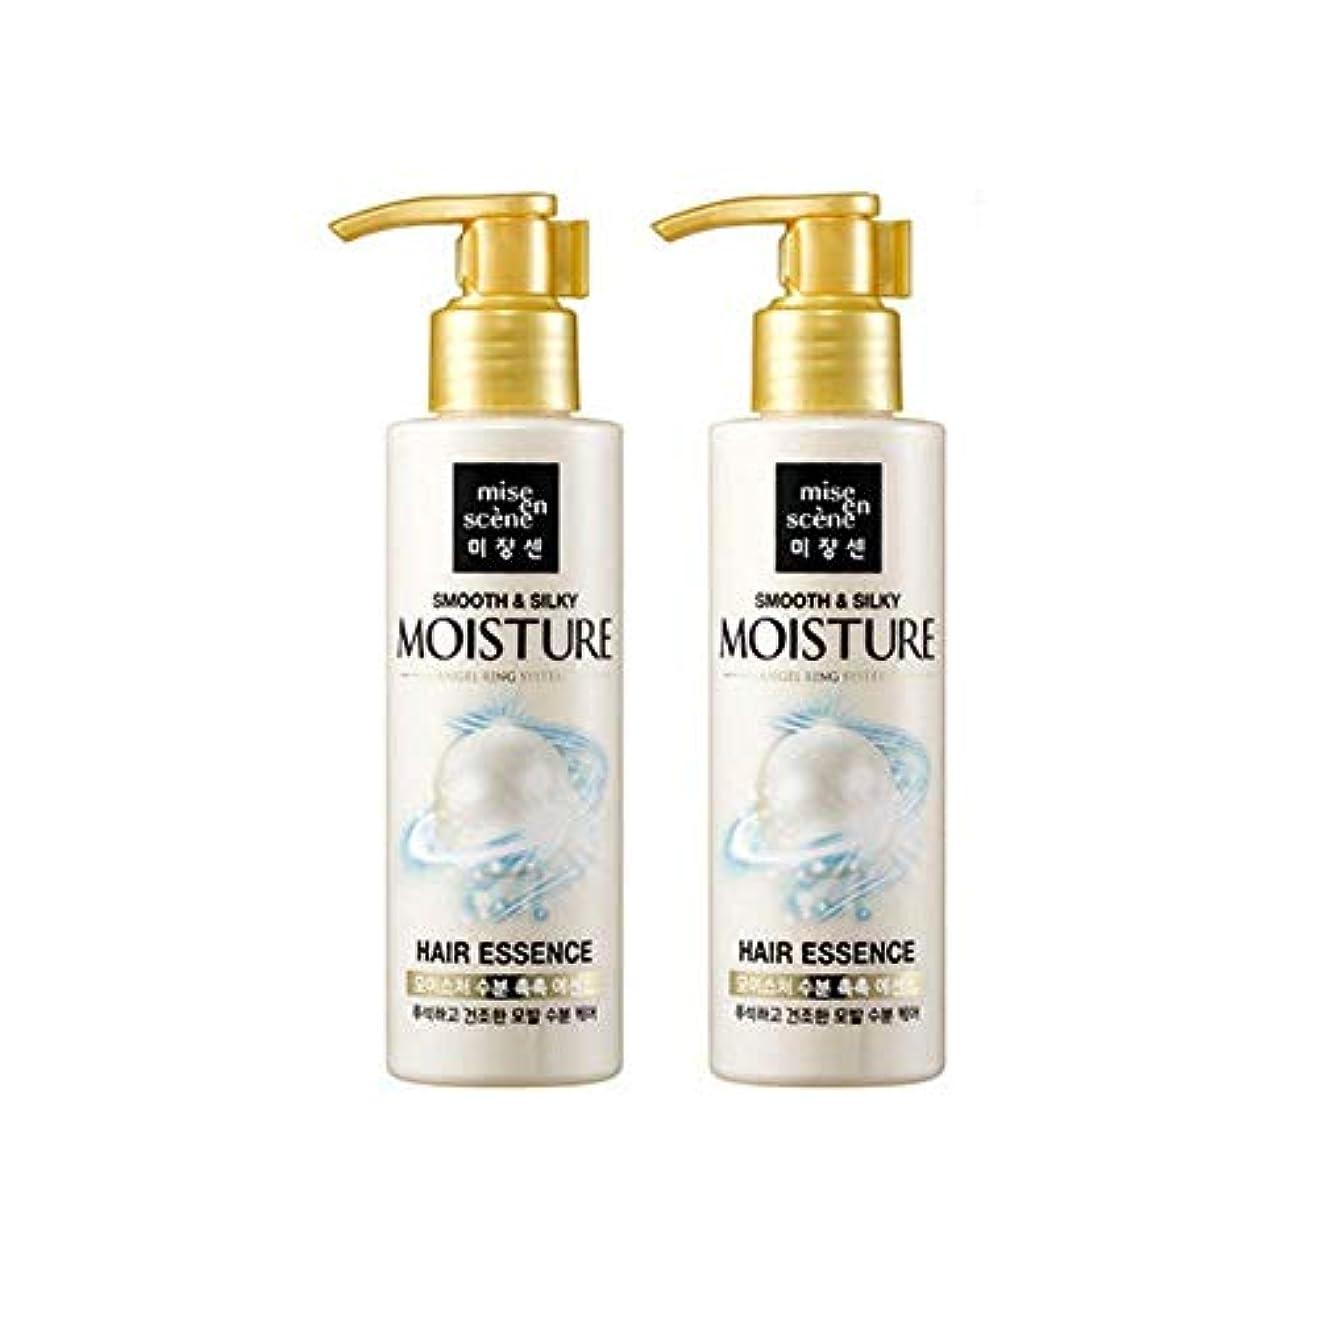 マングルプラカード疲労[miseenscene] 1+1 ミジャンセン スムース&シルキー モイスチャー ヘアエッセンス 髪の美容液 140ml×2本(smooth&silky moisture hair essence 140ml×2)